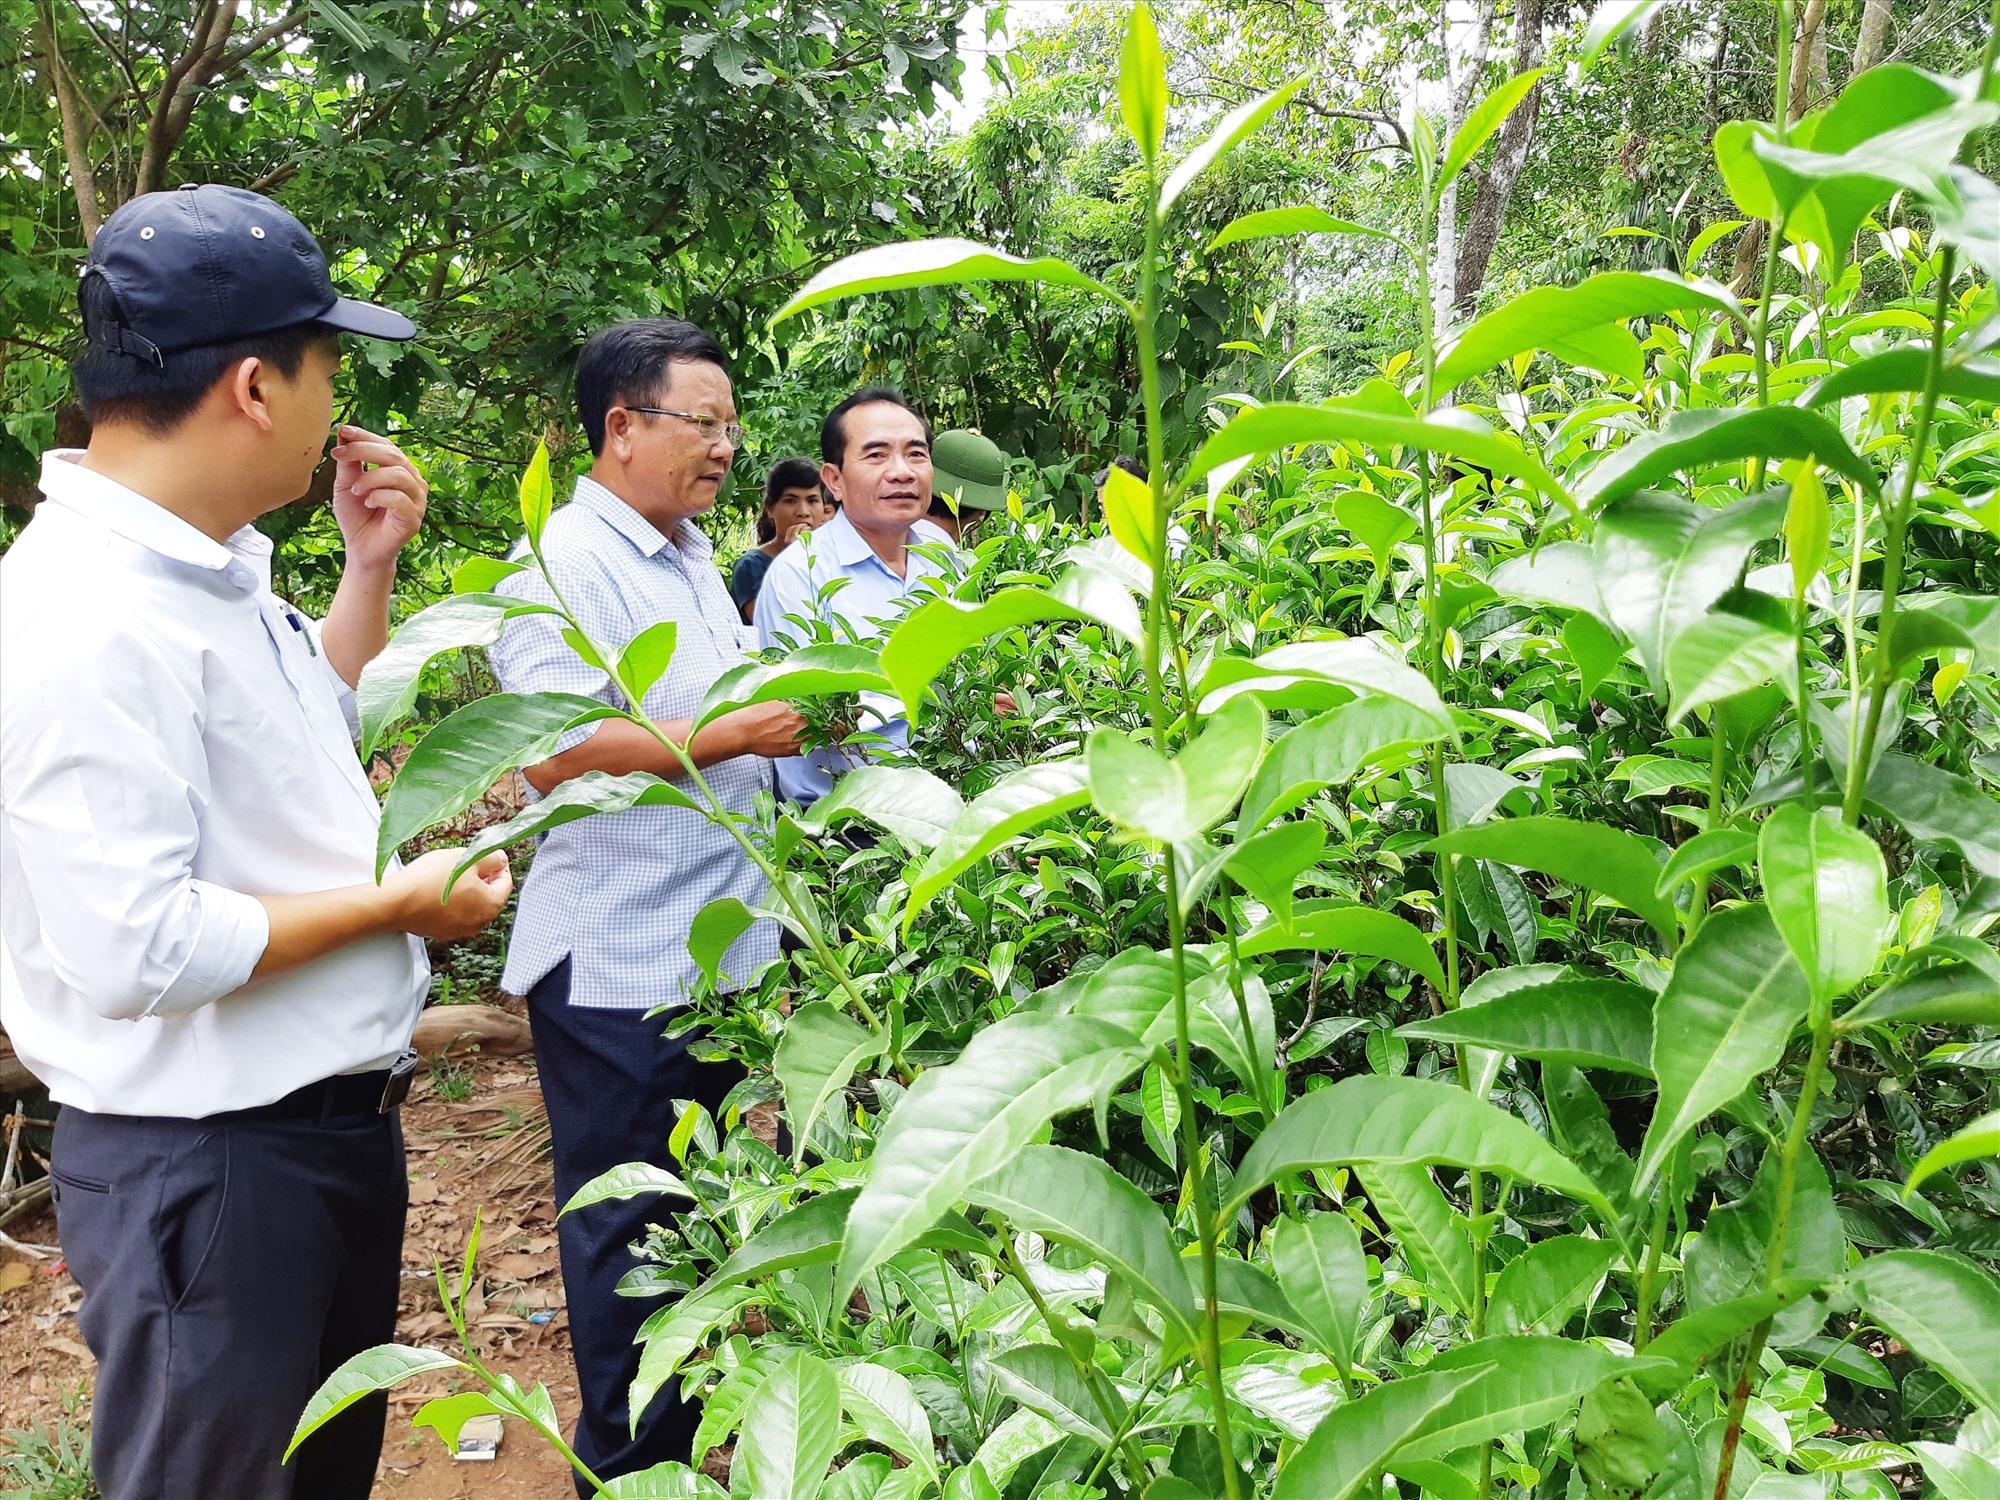 Việc ứng dụng KH-CN thâm canh, nâng cao năng suất cây chè xanh An Bằng đang được Đại Lộc chú trọng. Ảnh: HOÀNG LIÊN